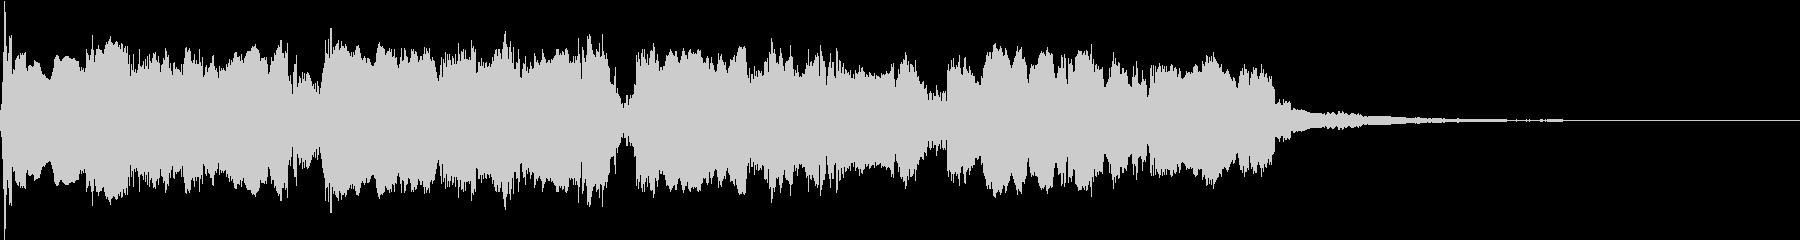 エレキギター 場面転換➁ ジングルの未再生の波形